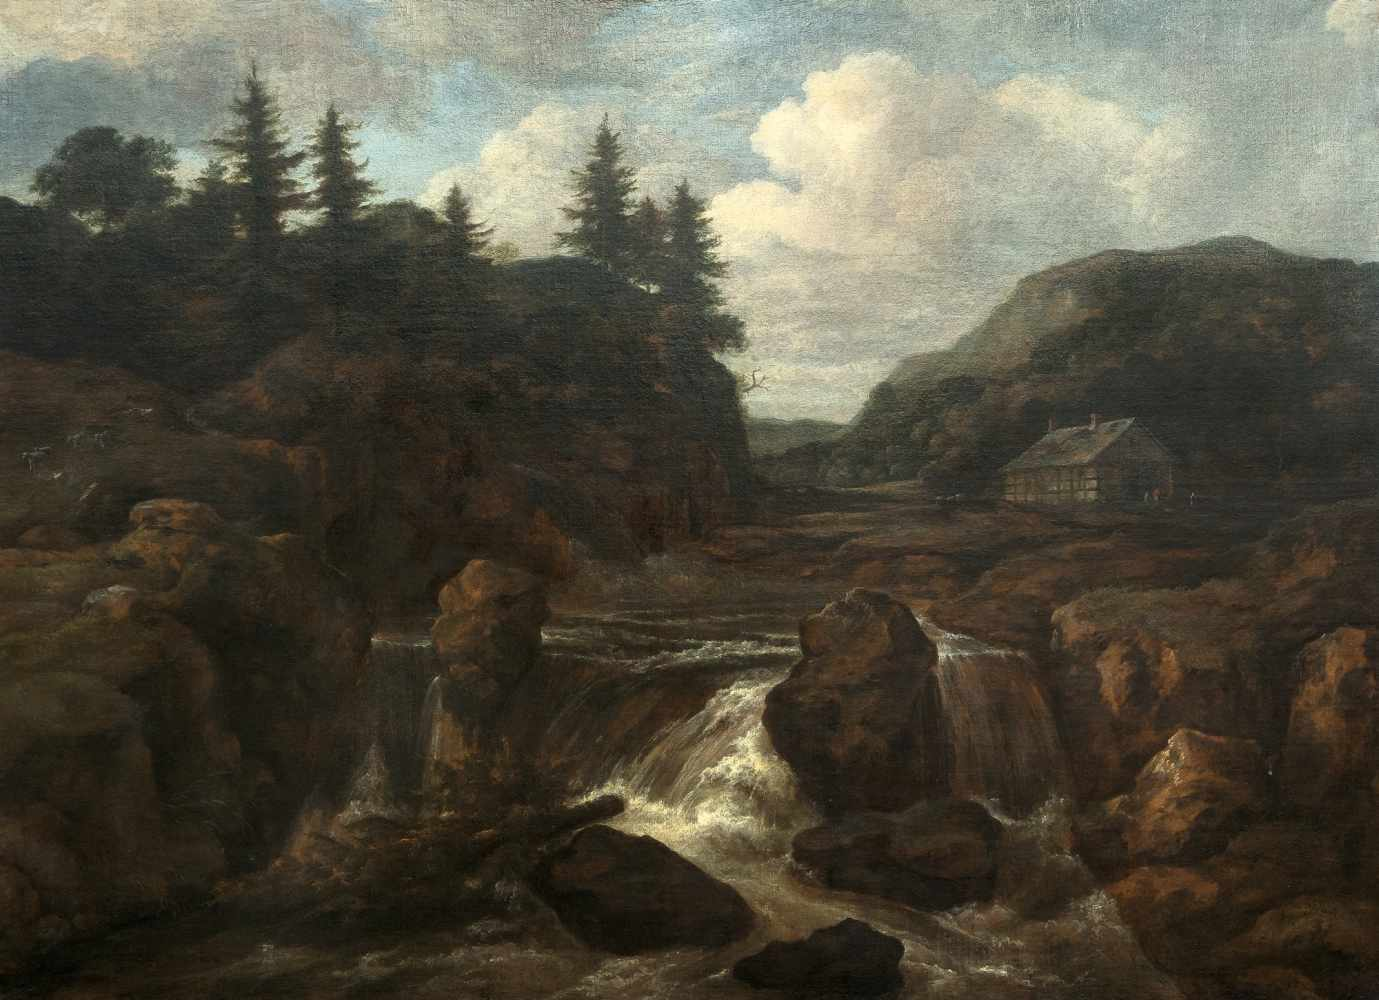 Los 35 - Jacob Van Ruisdael1628/29 Haarlem - Amsterdam 1682Wasserfall in bergiger Landschaft Öl auf Leinwand,